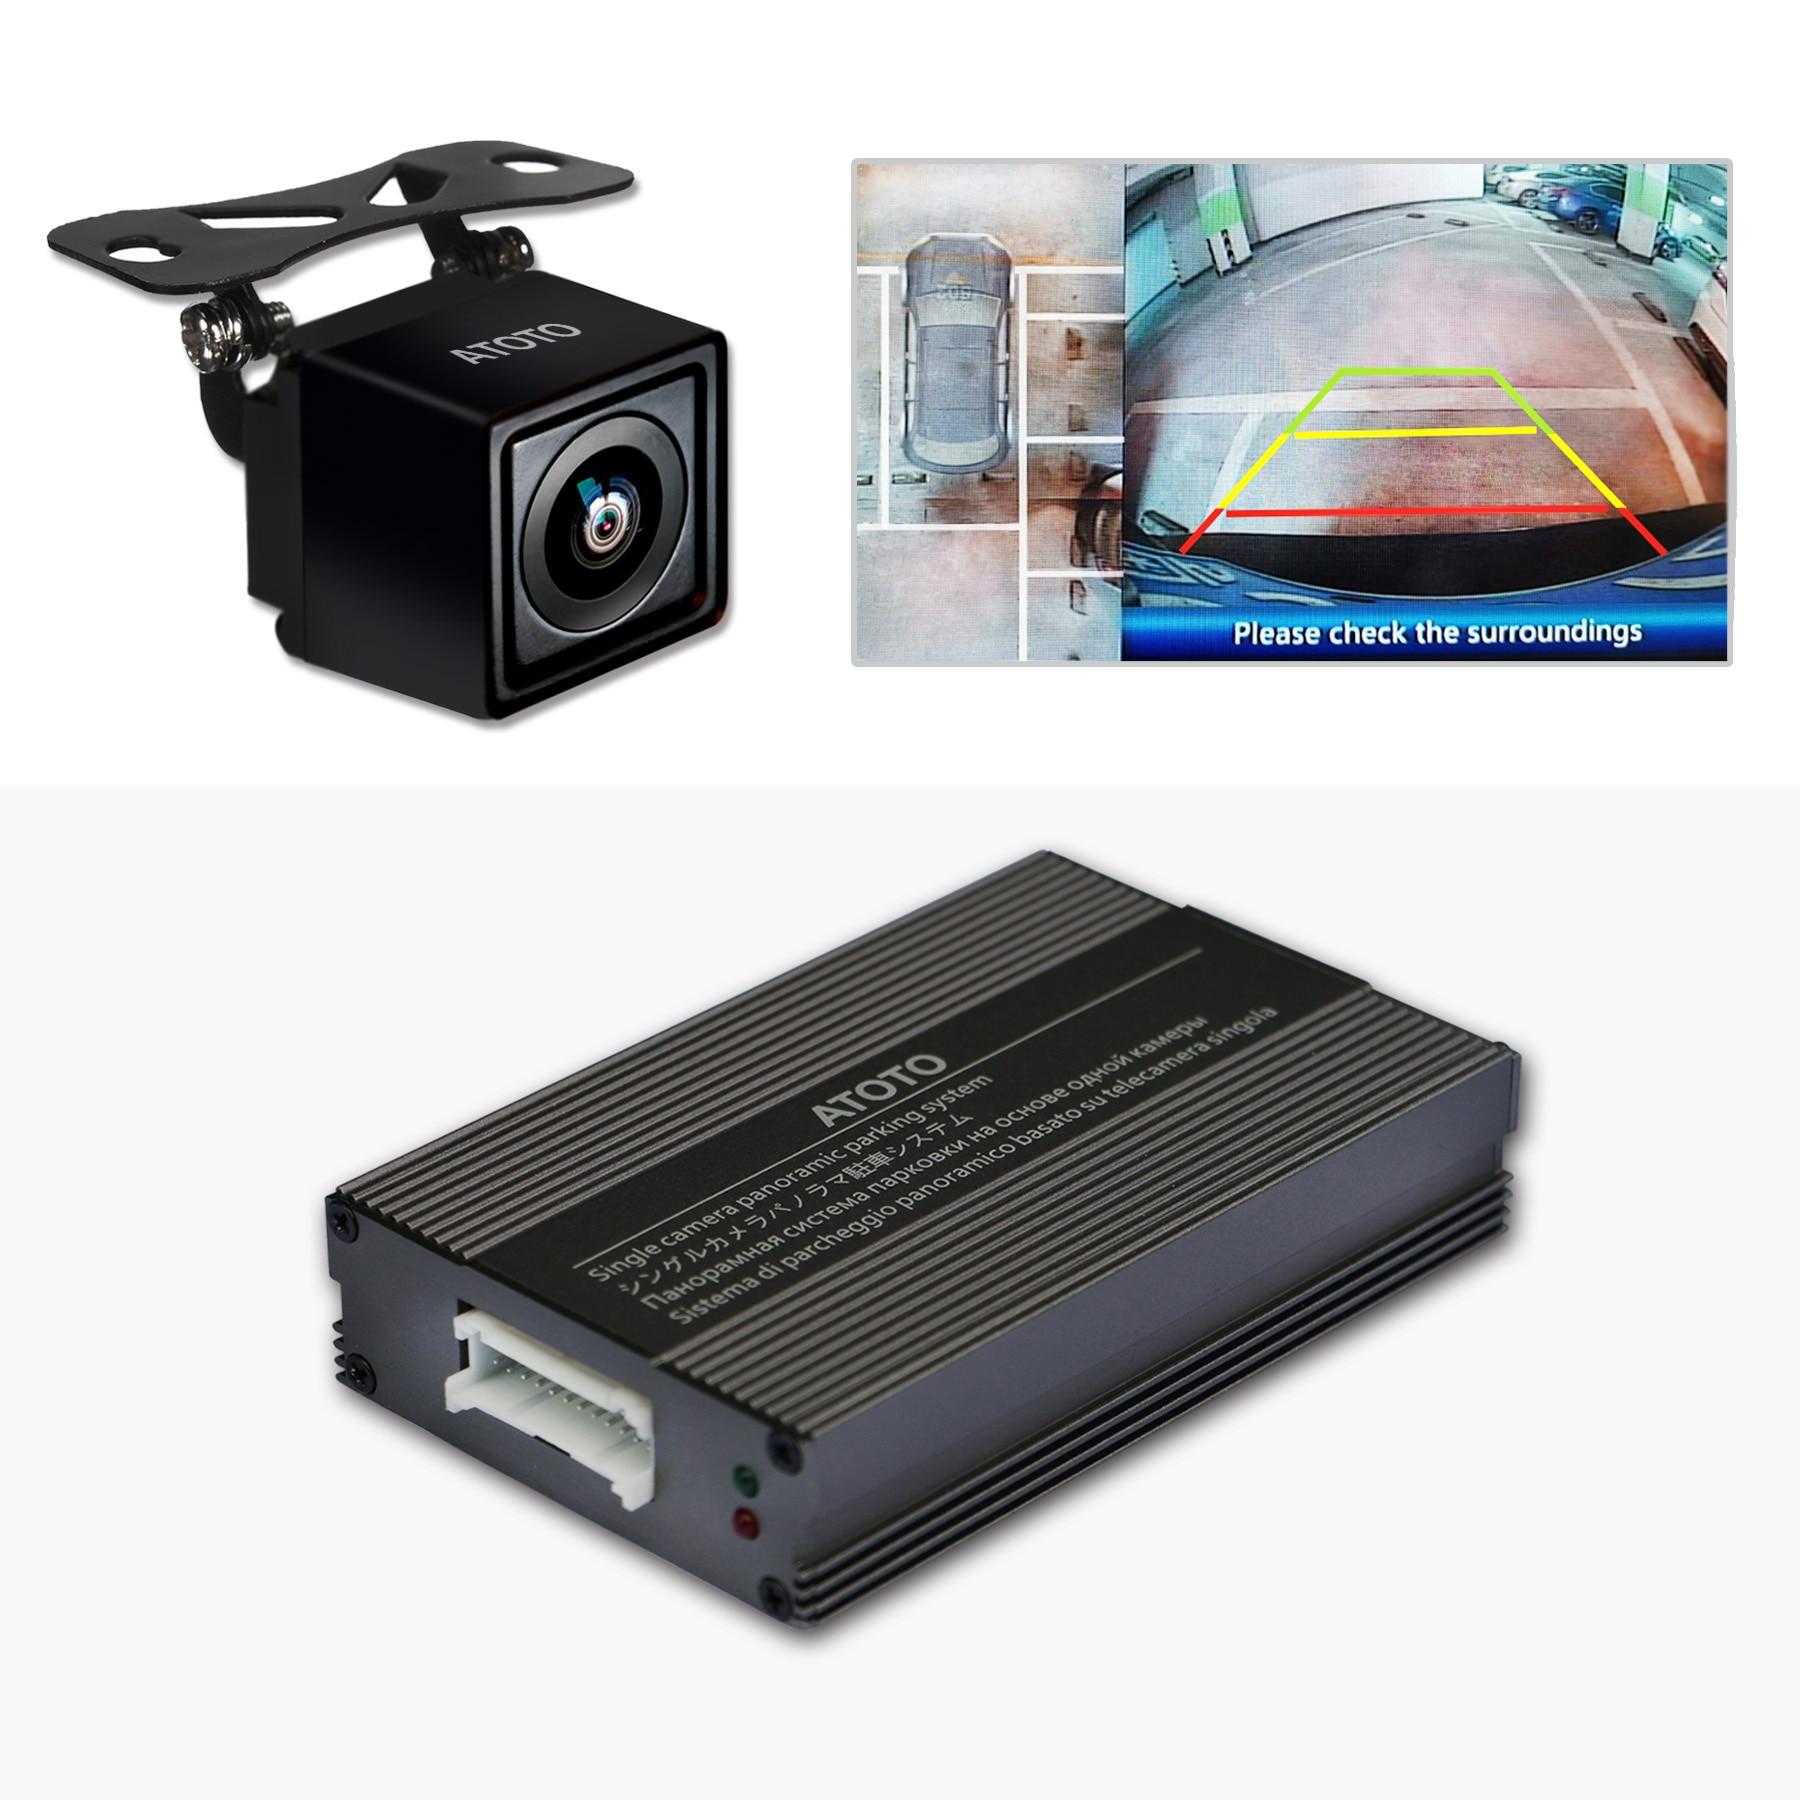 ATOTO AC-SC3601 système de stationnement pour rétroviseur à caméra unique-couture d'image panoramique-vue d'ensemble des environs